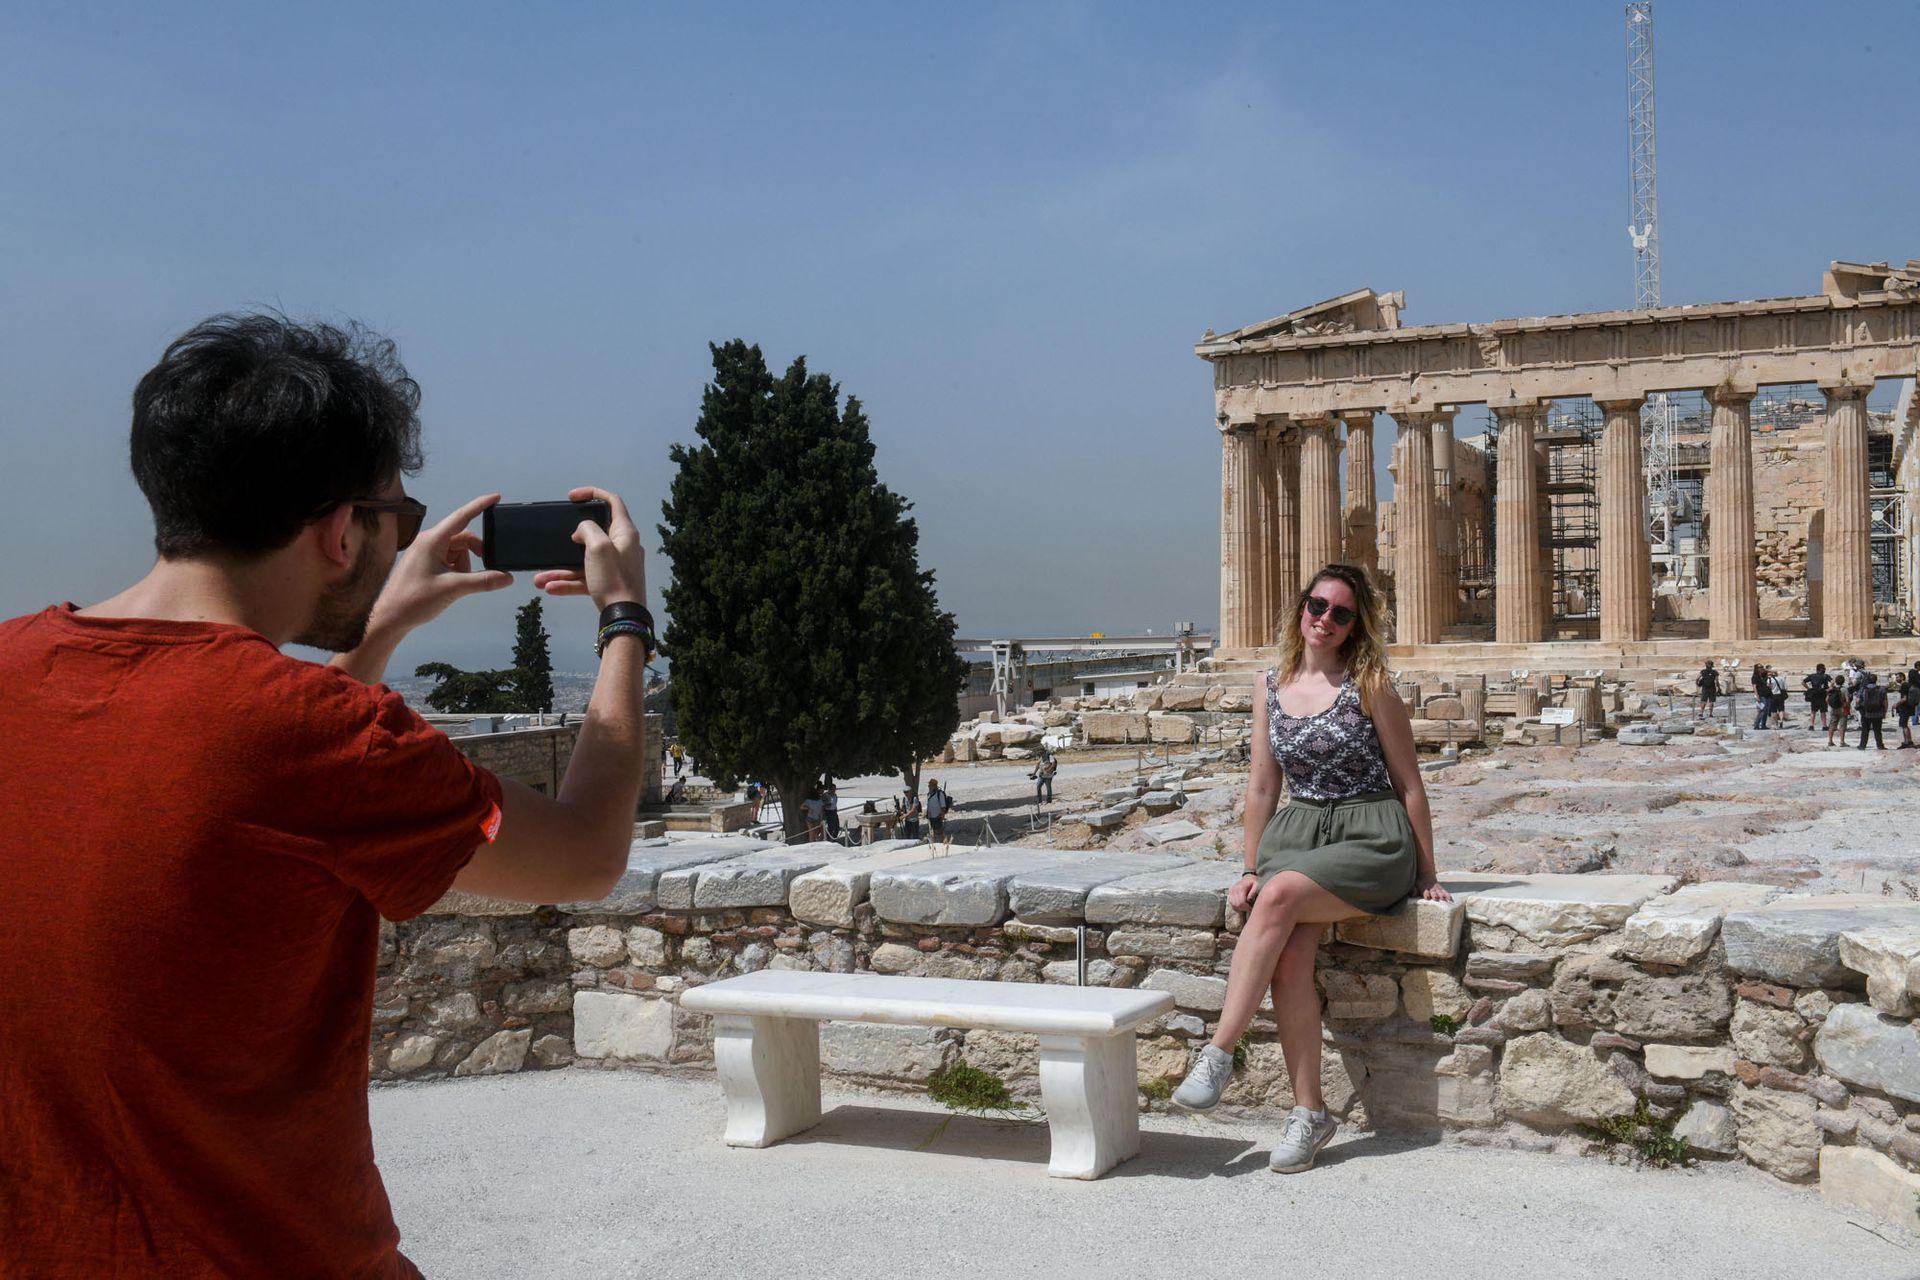 La Acrópolis de Atenas, monumento emblemático de la antigüedad, reabrió al público este lunes al igual que todos los sitios arqueológicos de Grecia